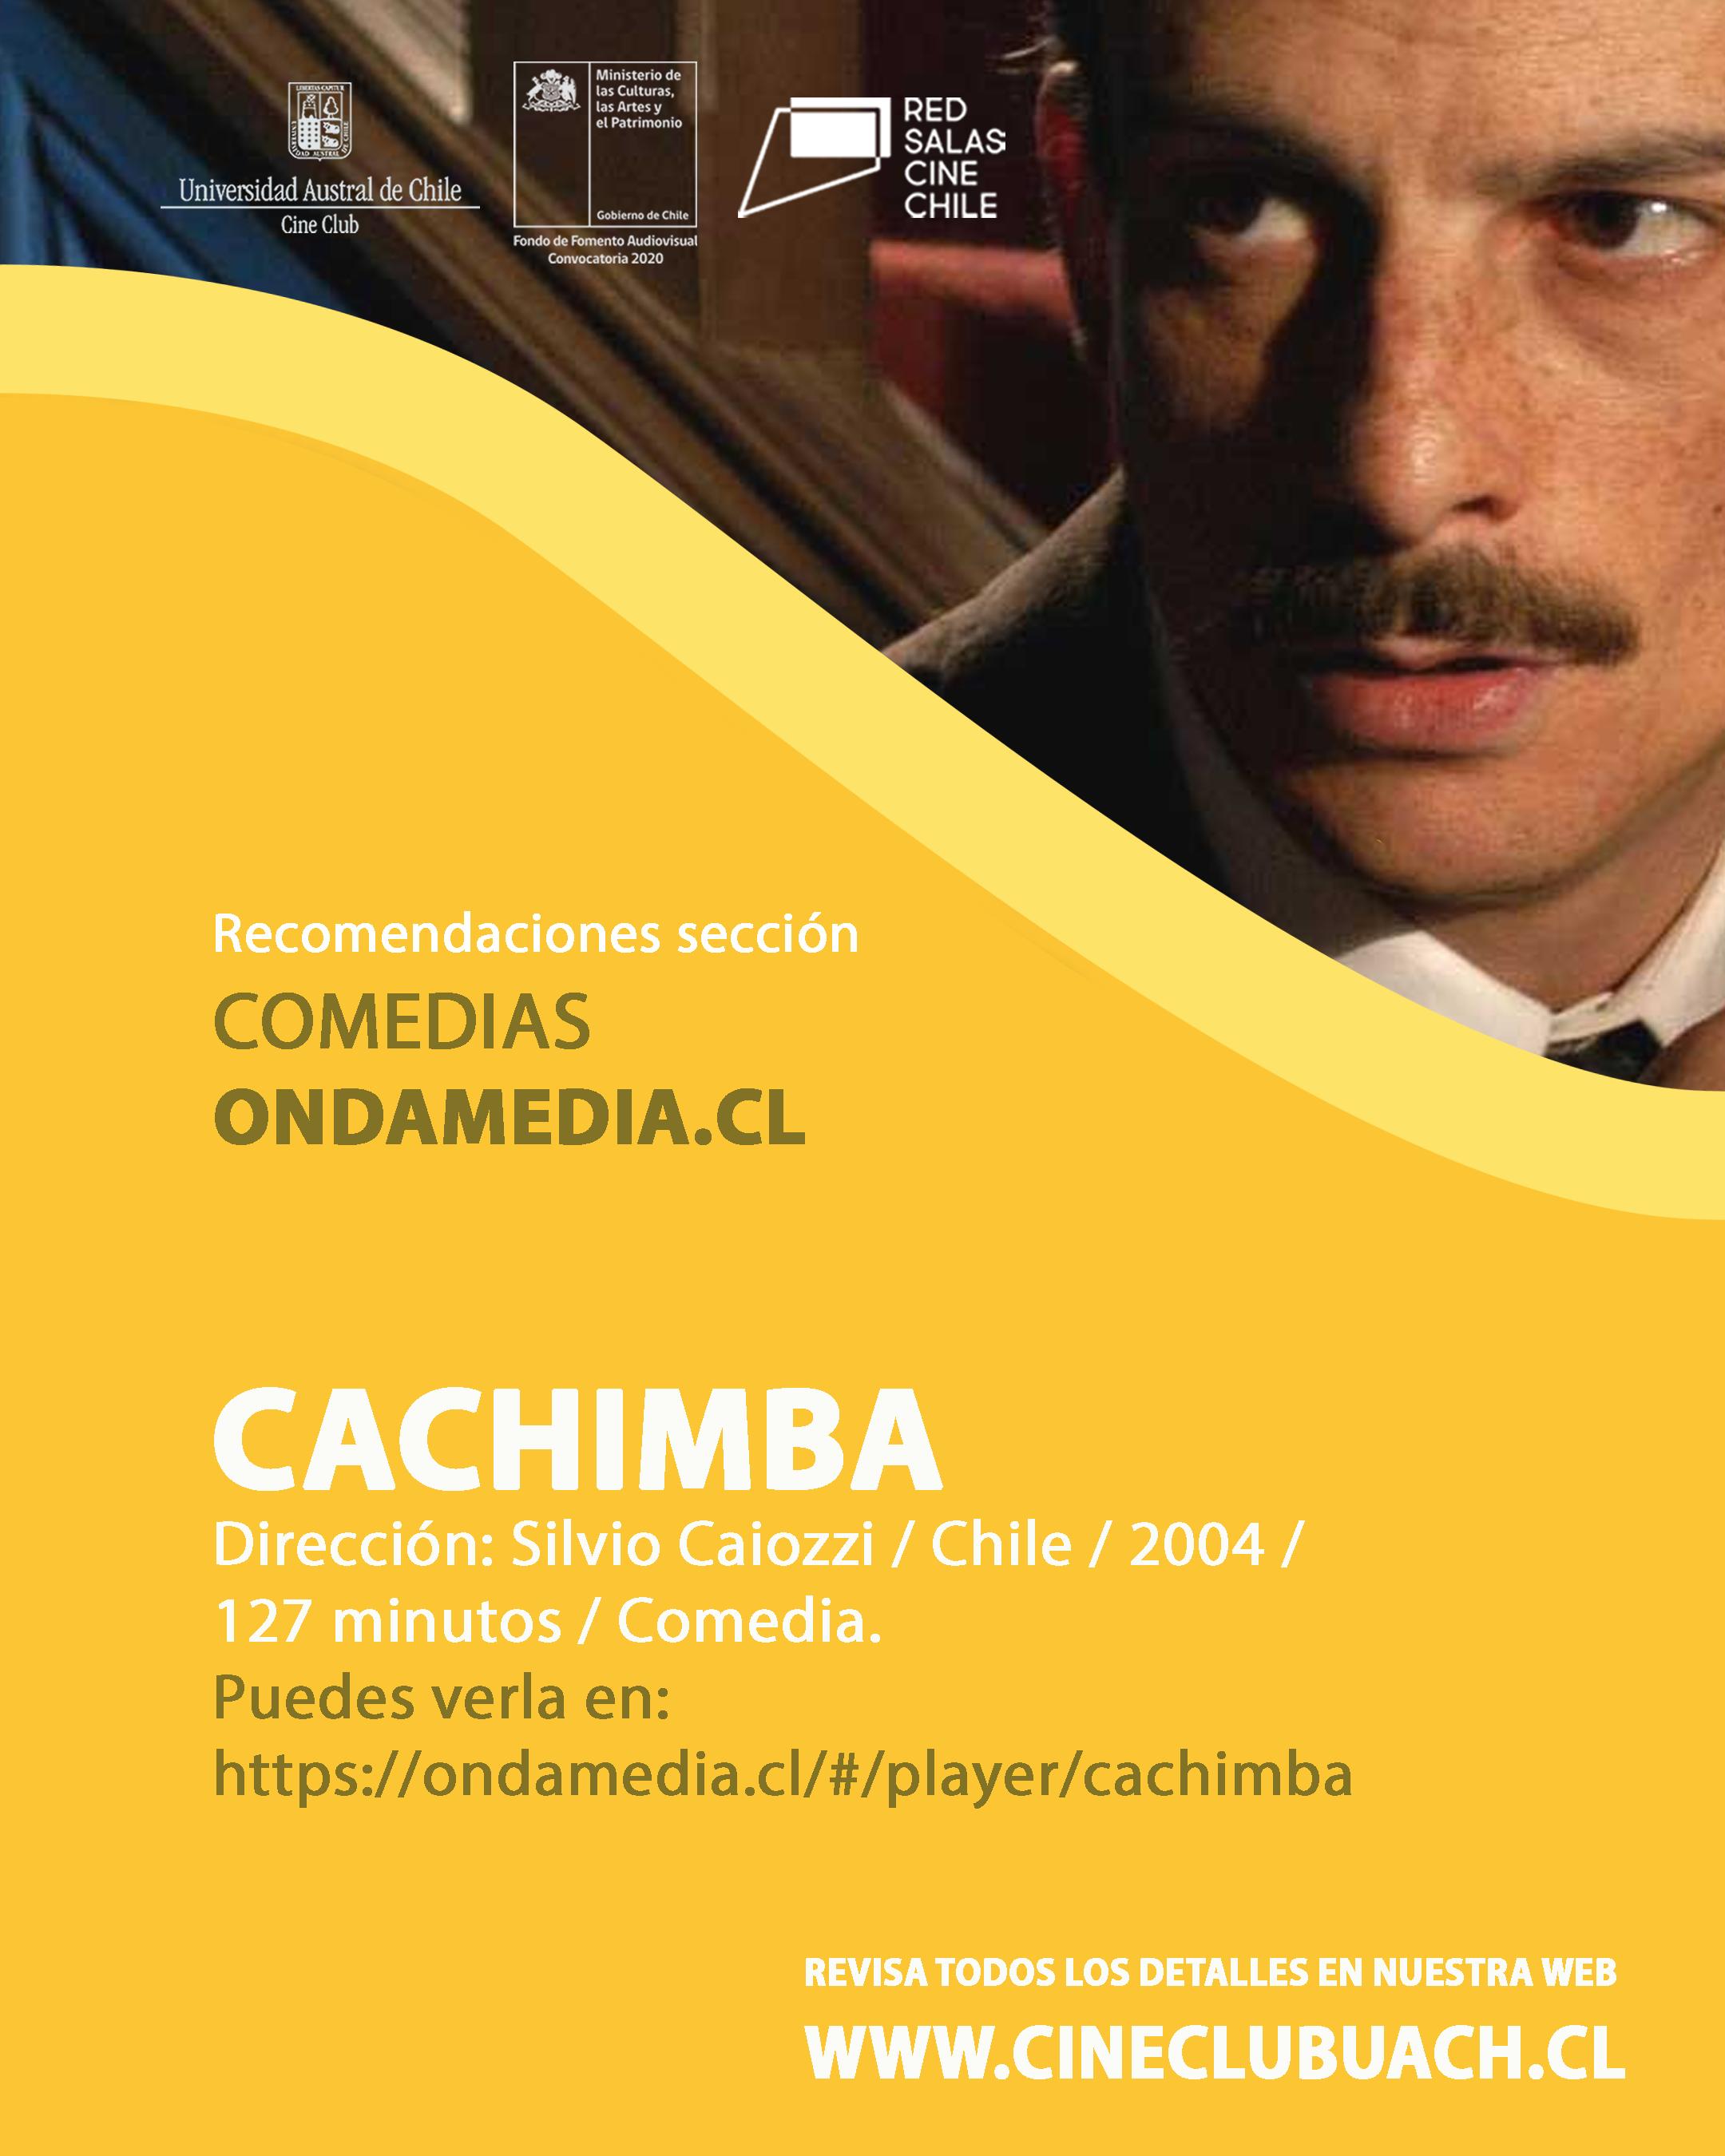 Cachimba